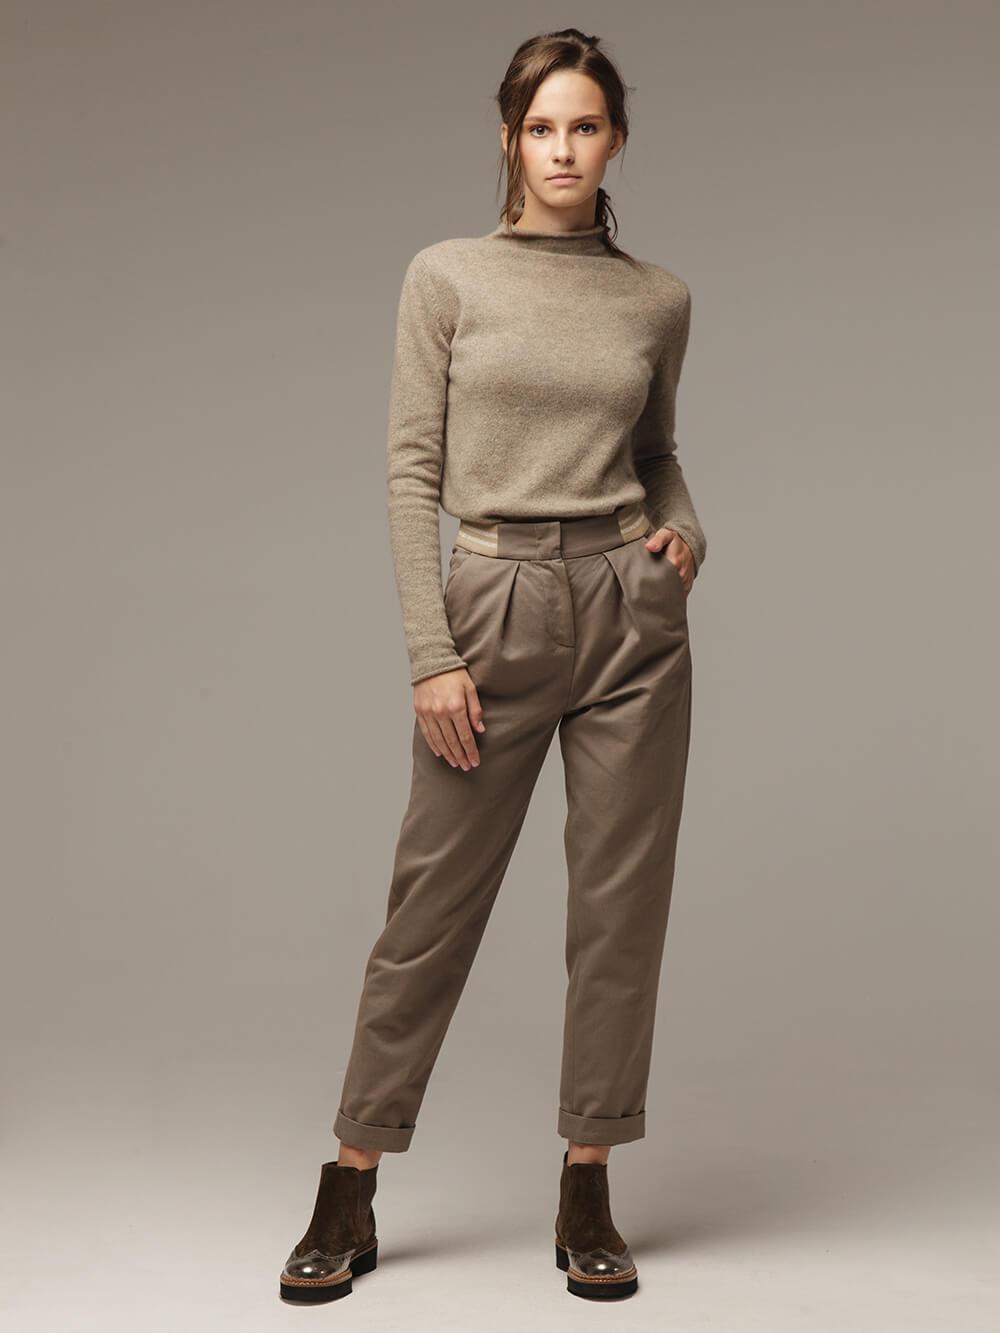 Женские серо-коричневые брюки из хлопка - фото 1